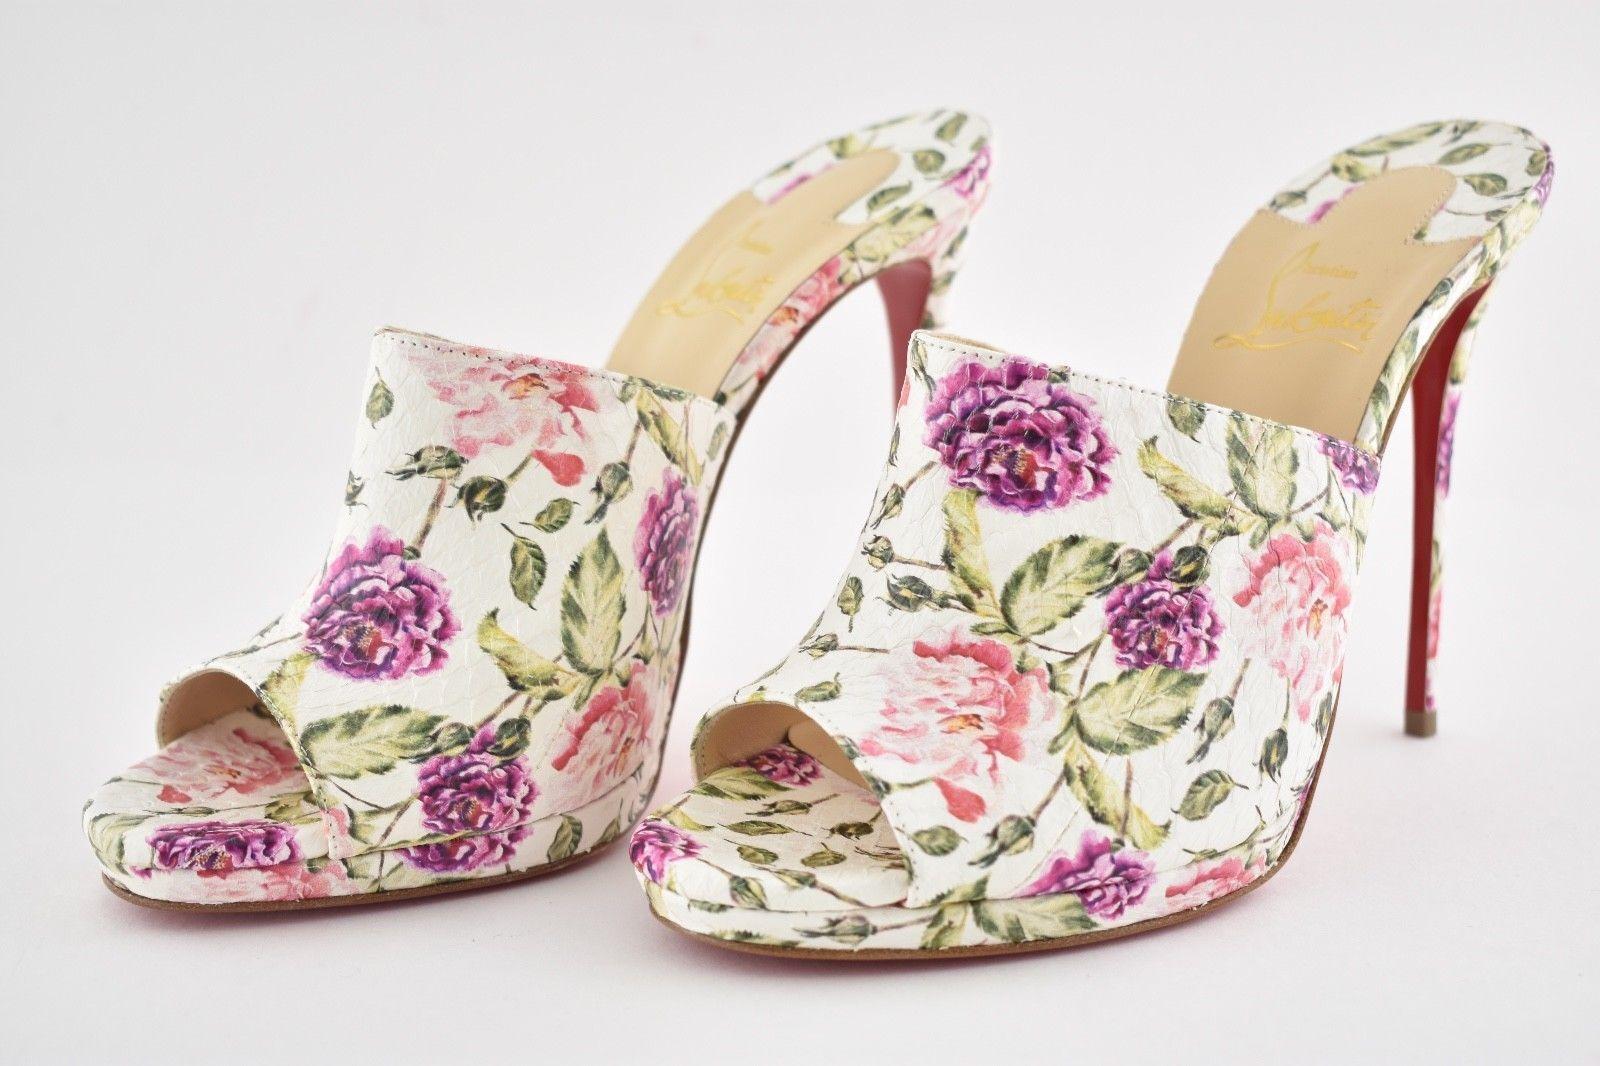 Christian Louboutin Louboutin Louboutin Pigamule 120 Floral Snakeskin Mules Sandal Heels Größe 37.5 4da28d